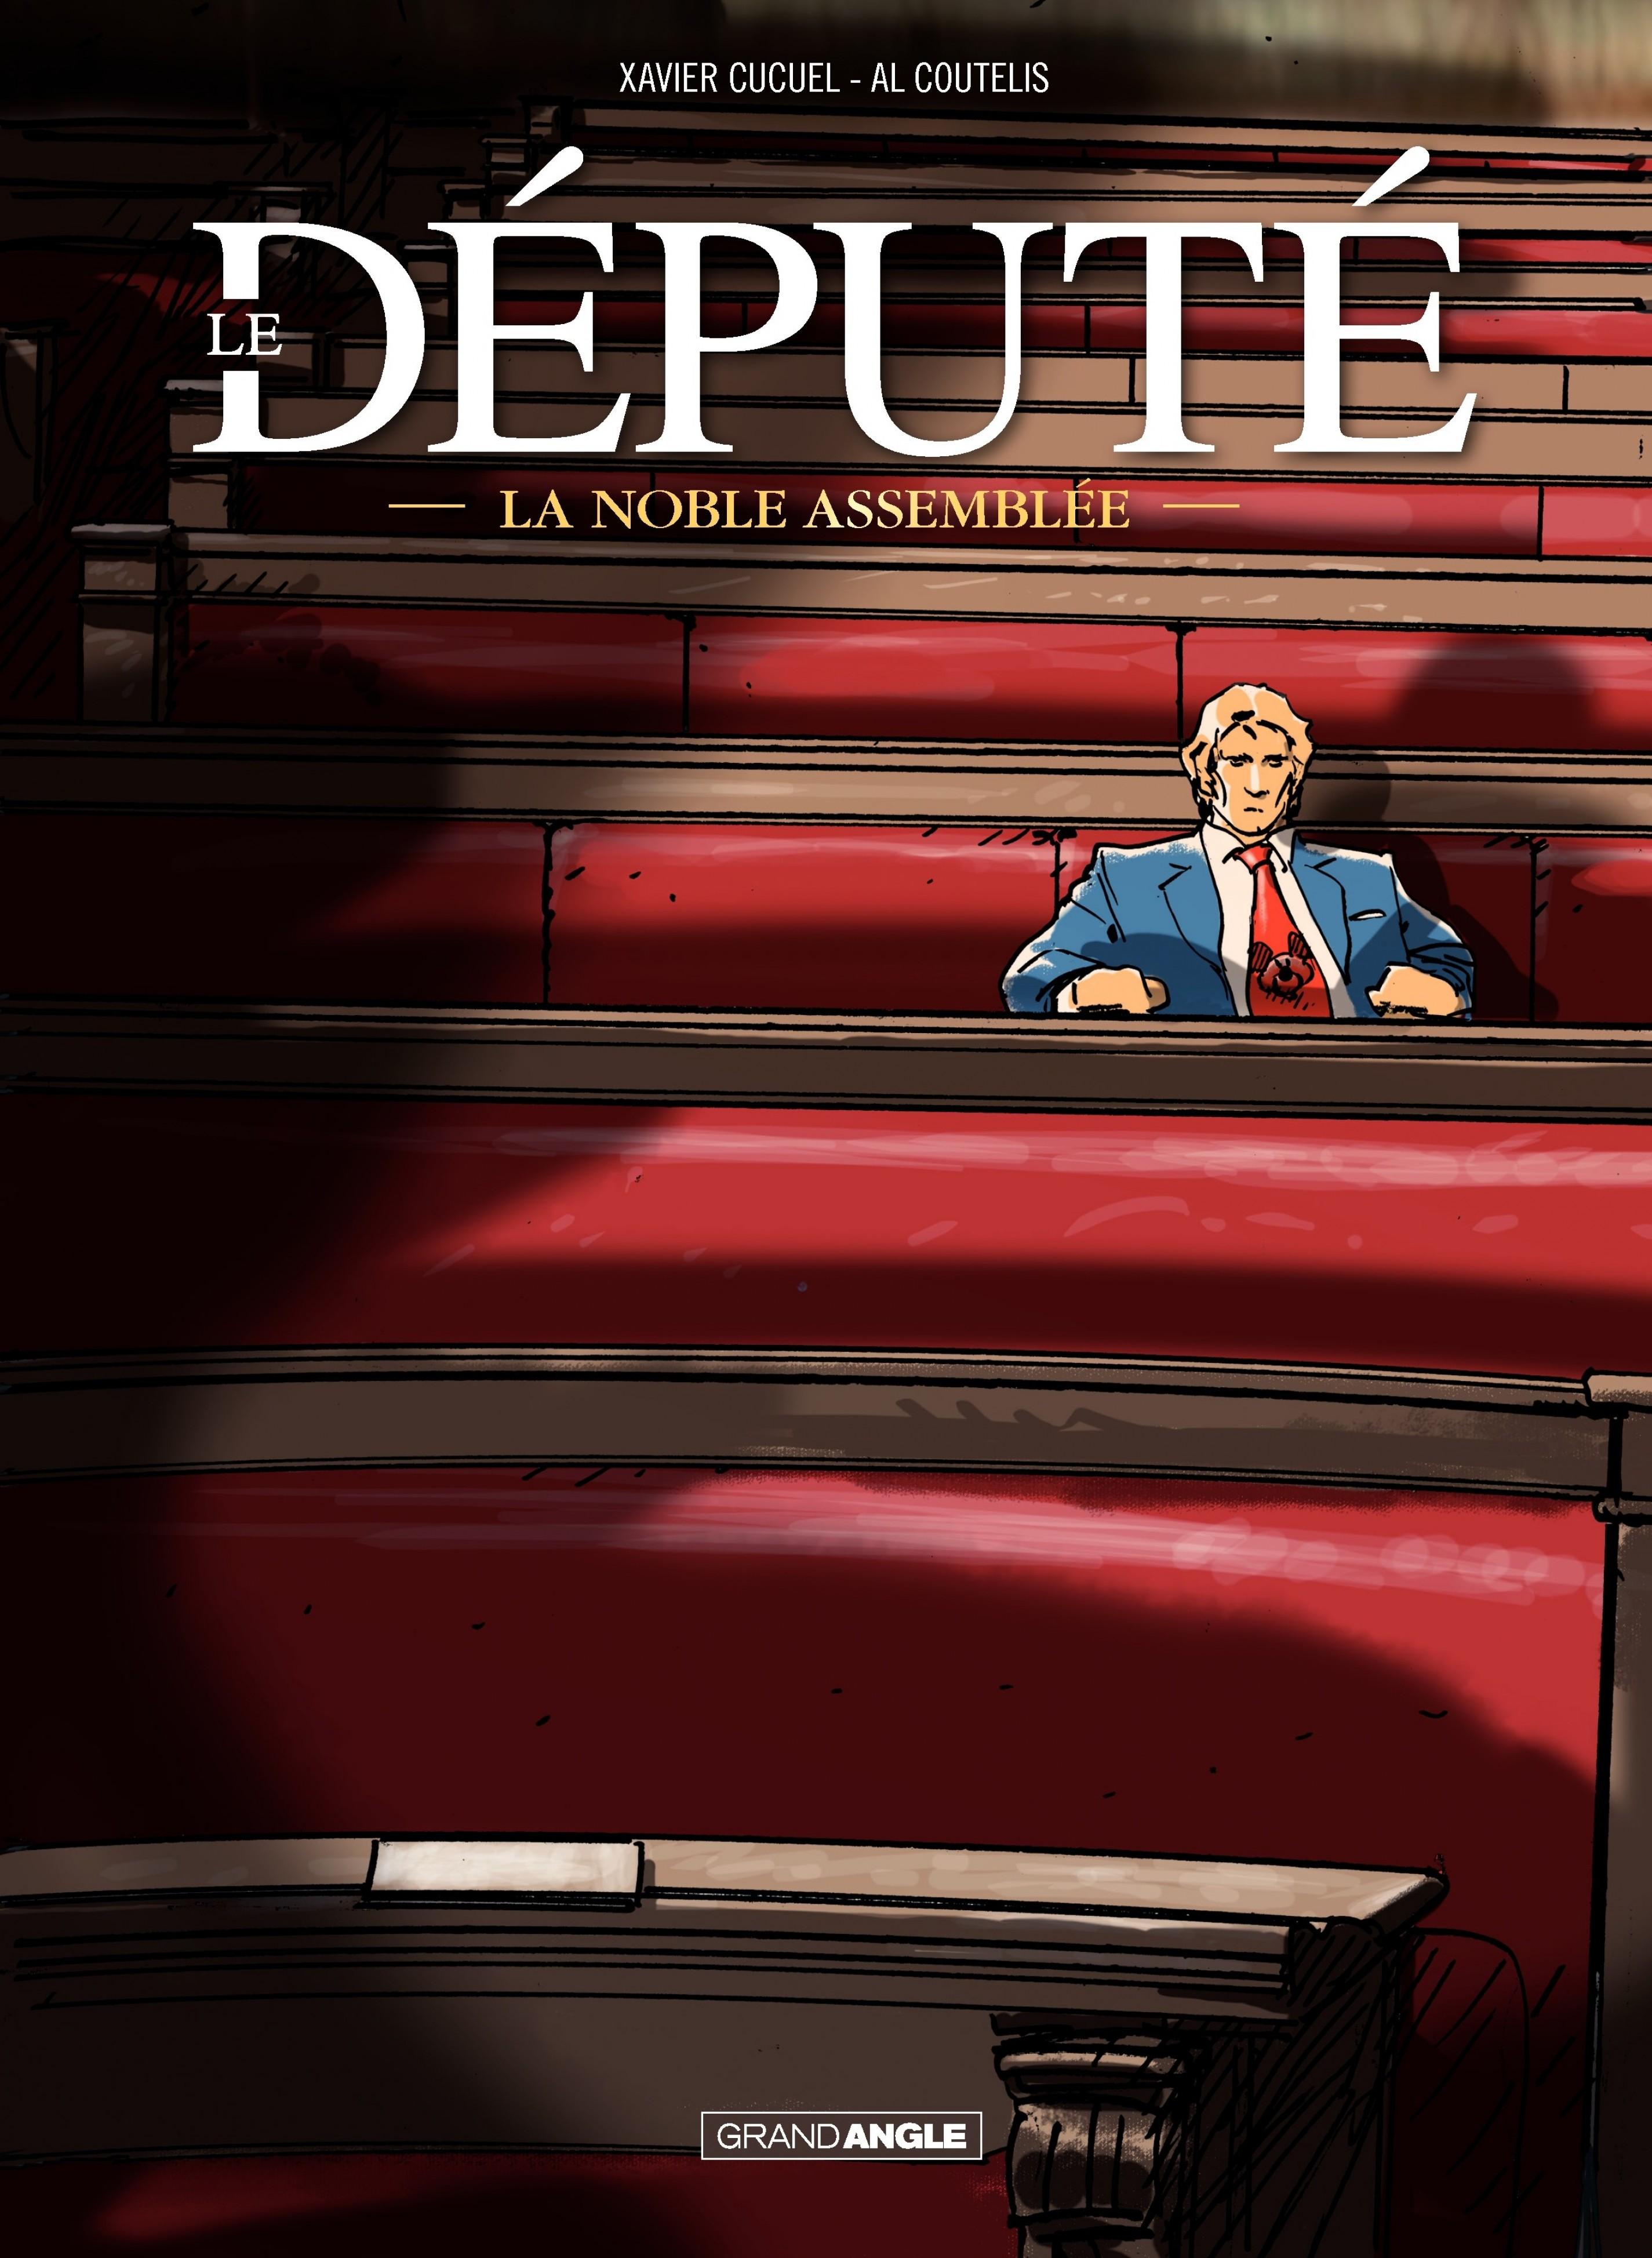 Le Député - La noble assemblée